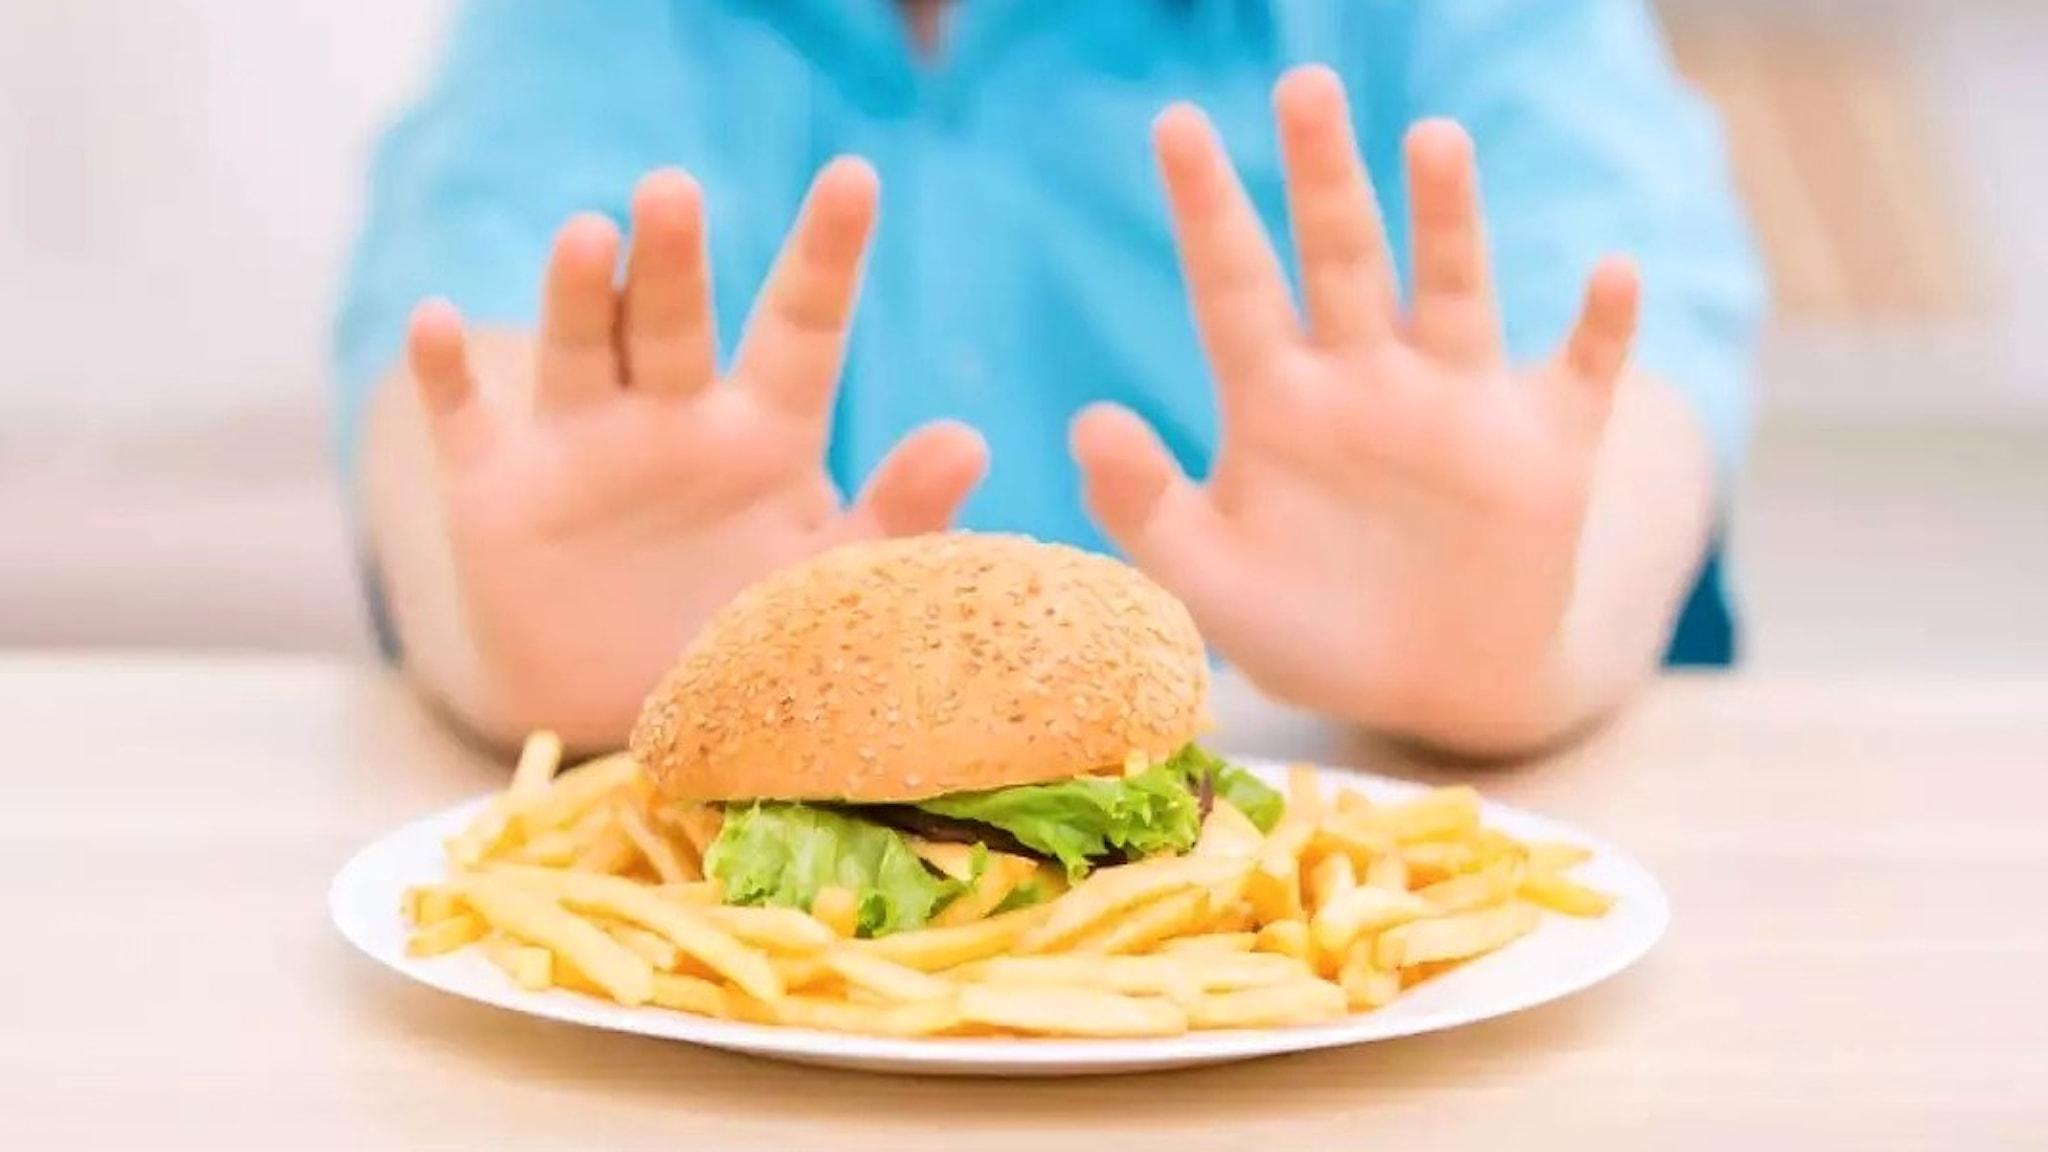 Barn och hamburgare